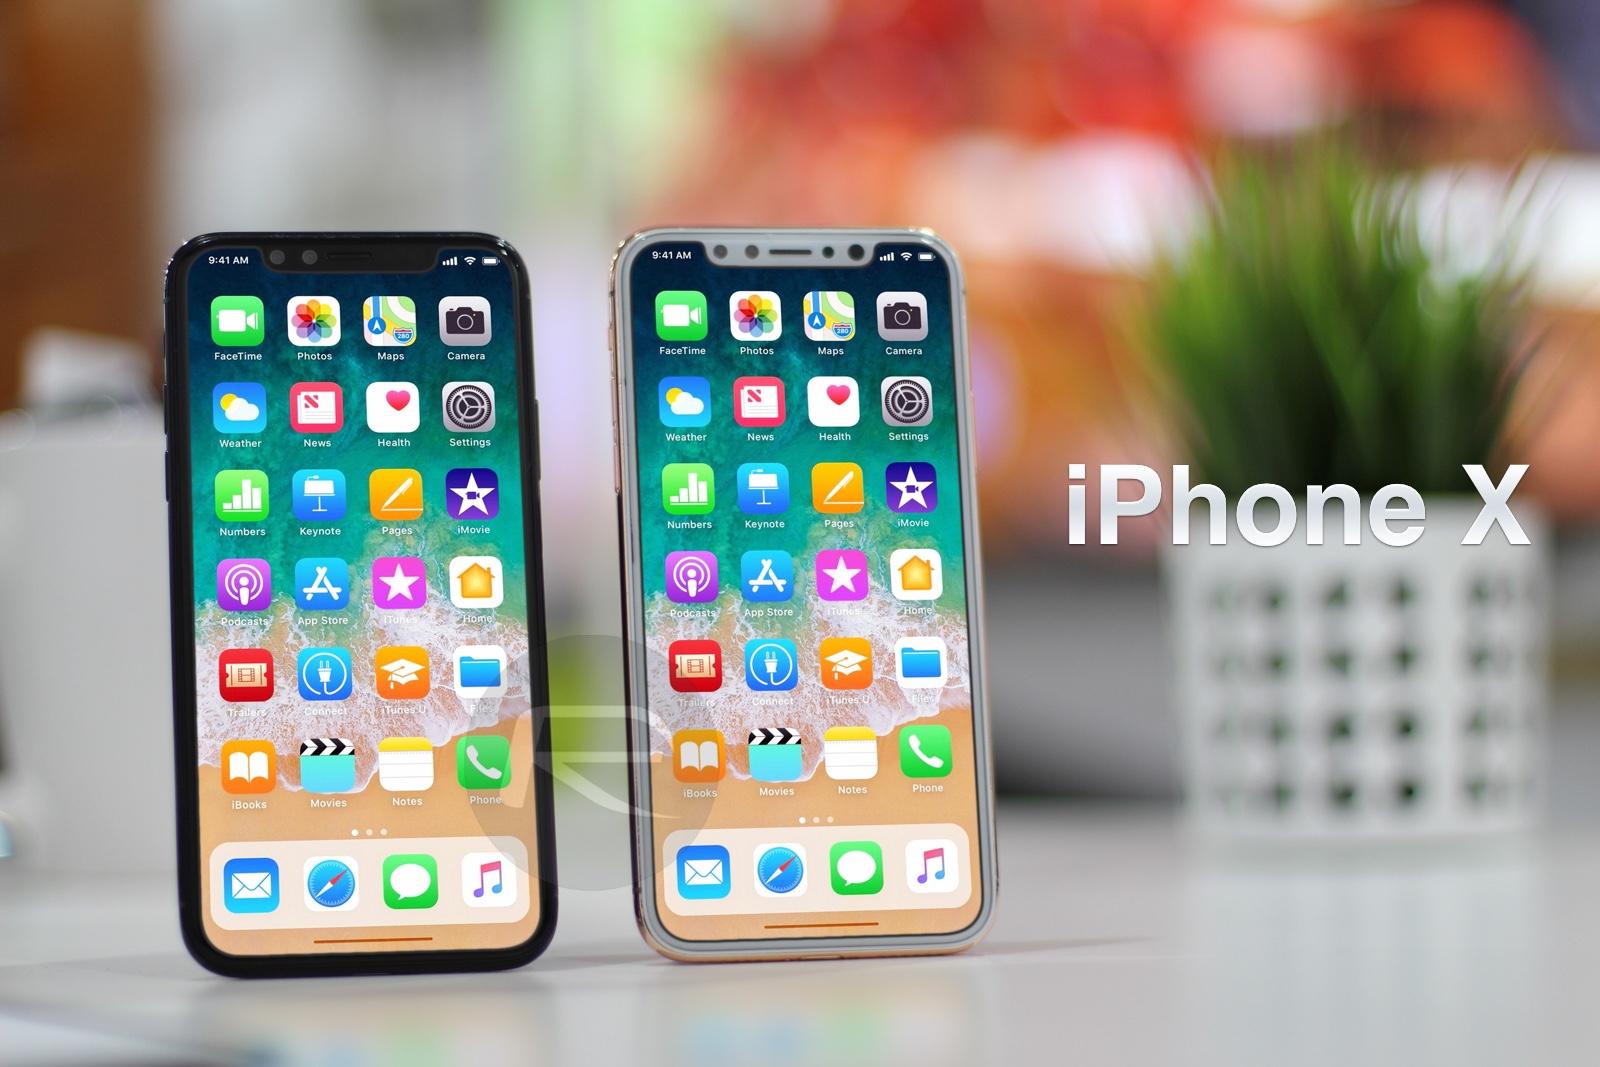 Đây là bộ ảnh sẽ cho bạn thấy tường tận iPhone 8 đẹp tới mức nào - Ảnh 1.